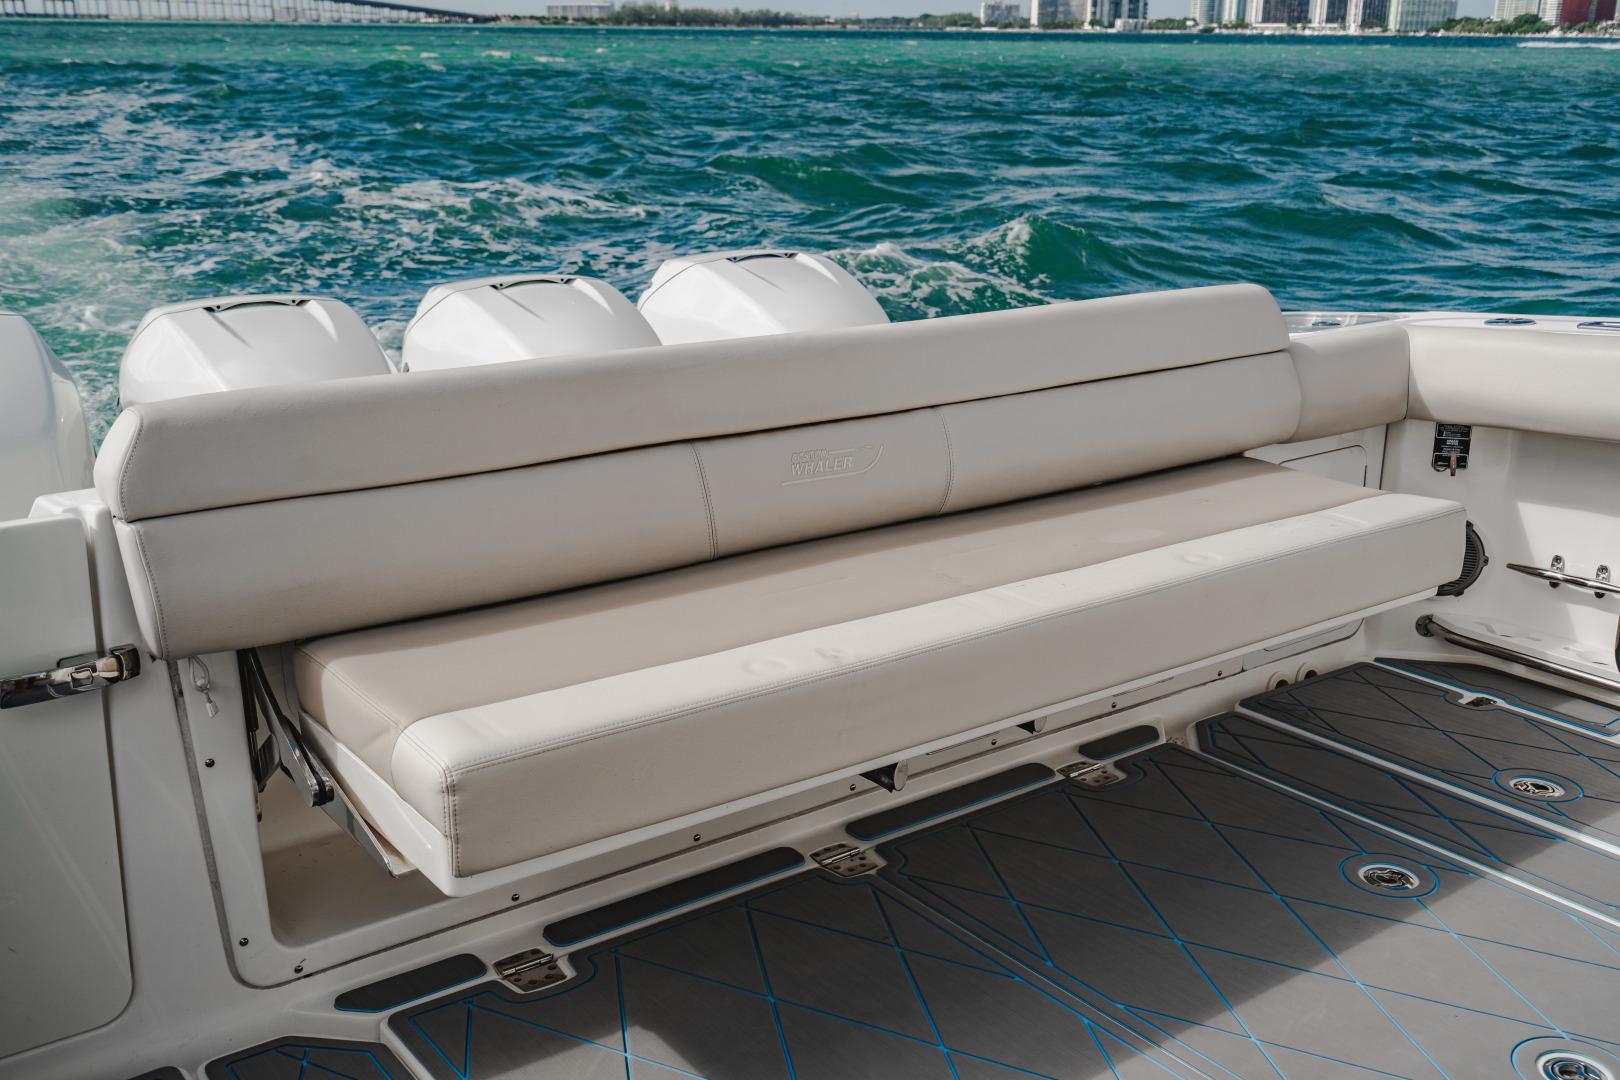 Boston Whaler-Outrage 2016-Sea Duction Miami Beach -Florida-United States-1557415 | Thumbnail